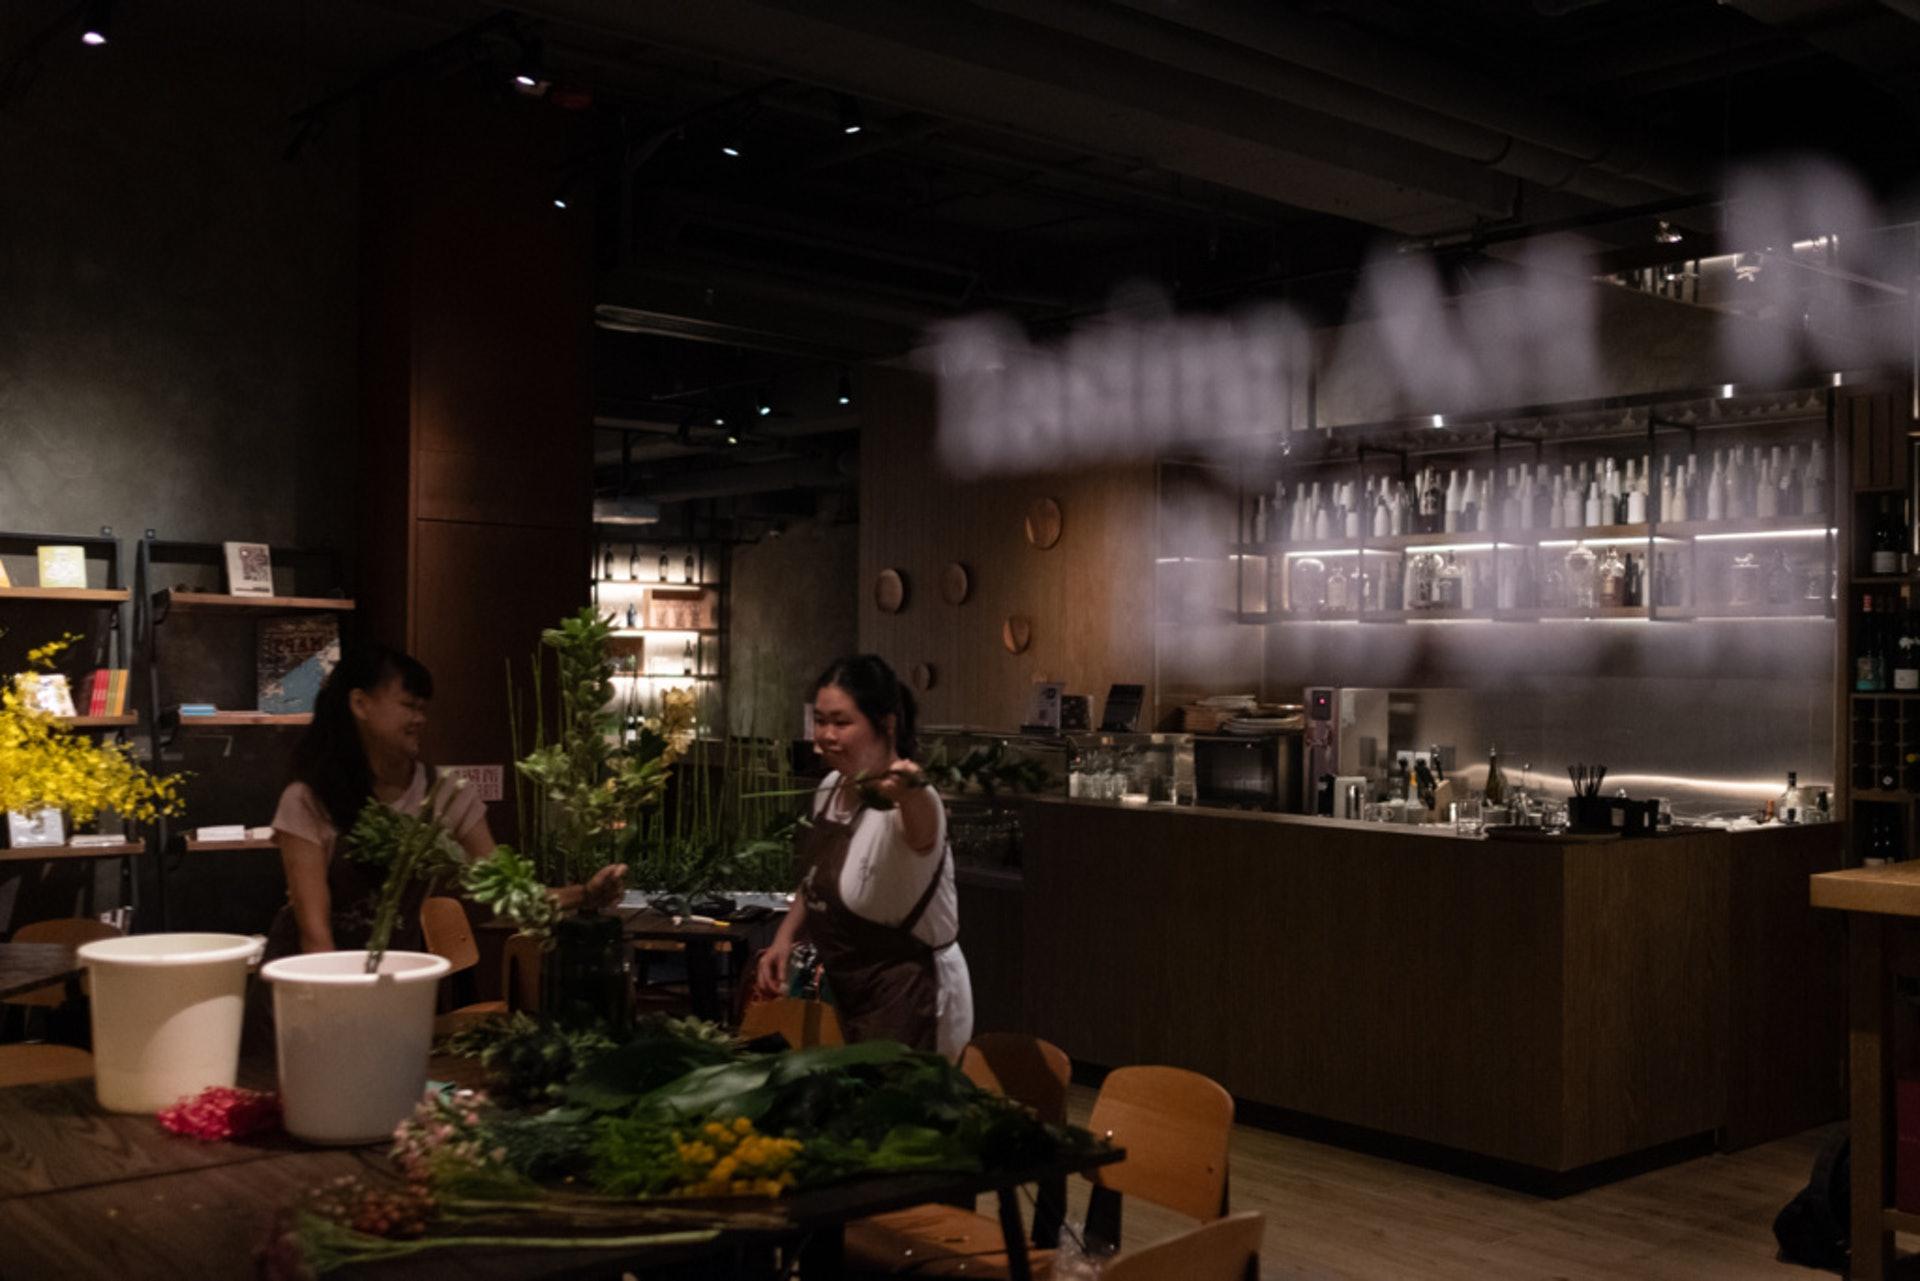 兩個女生趁早上酒店的書廊和酒吧未開店,獲空間擺放花材,做設計工作。